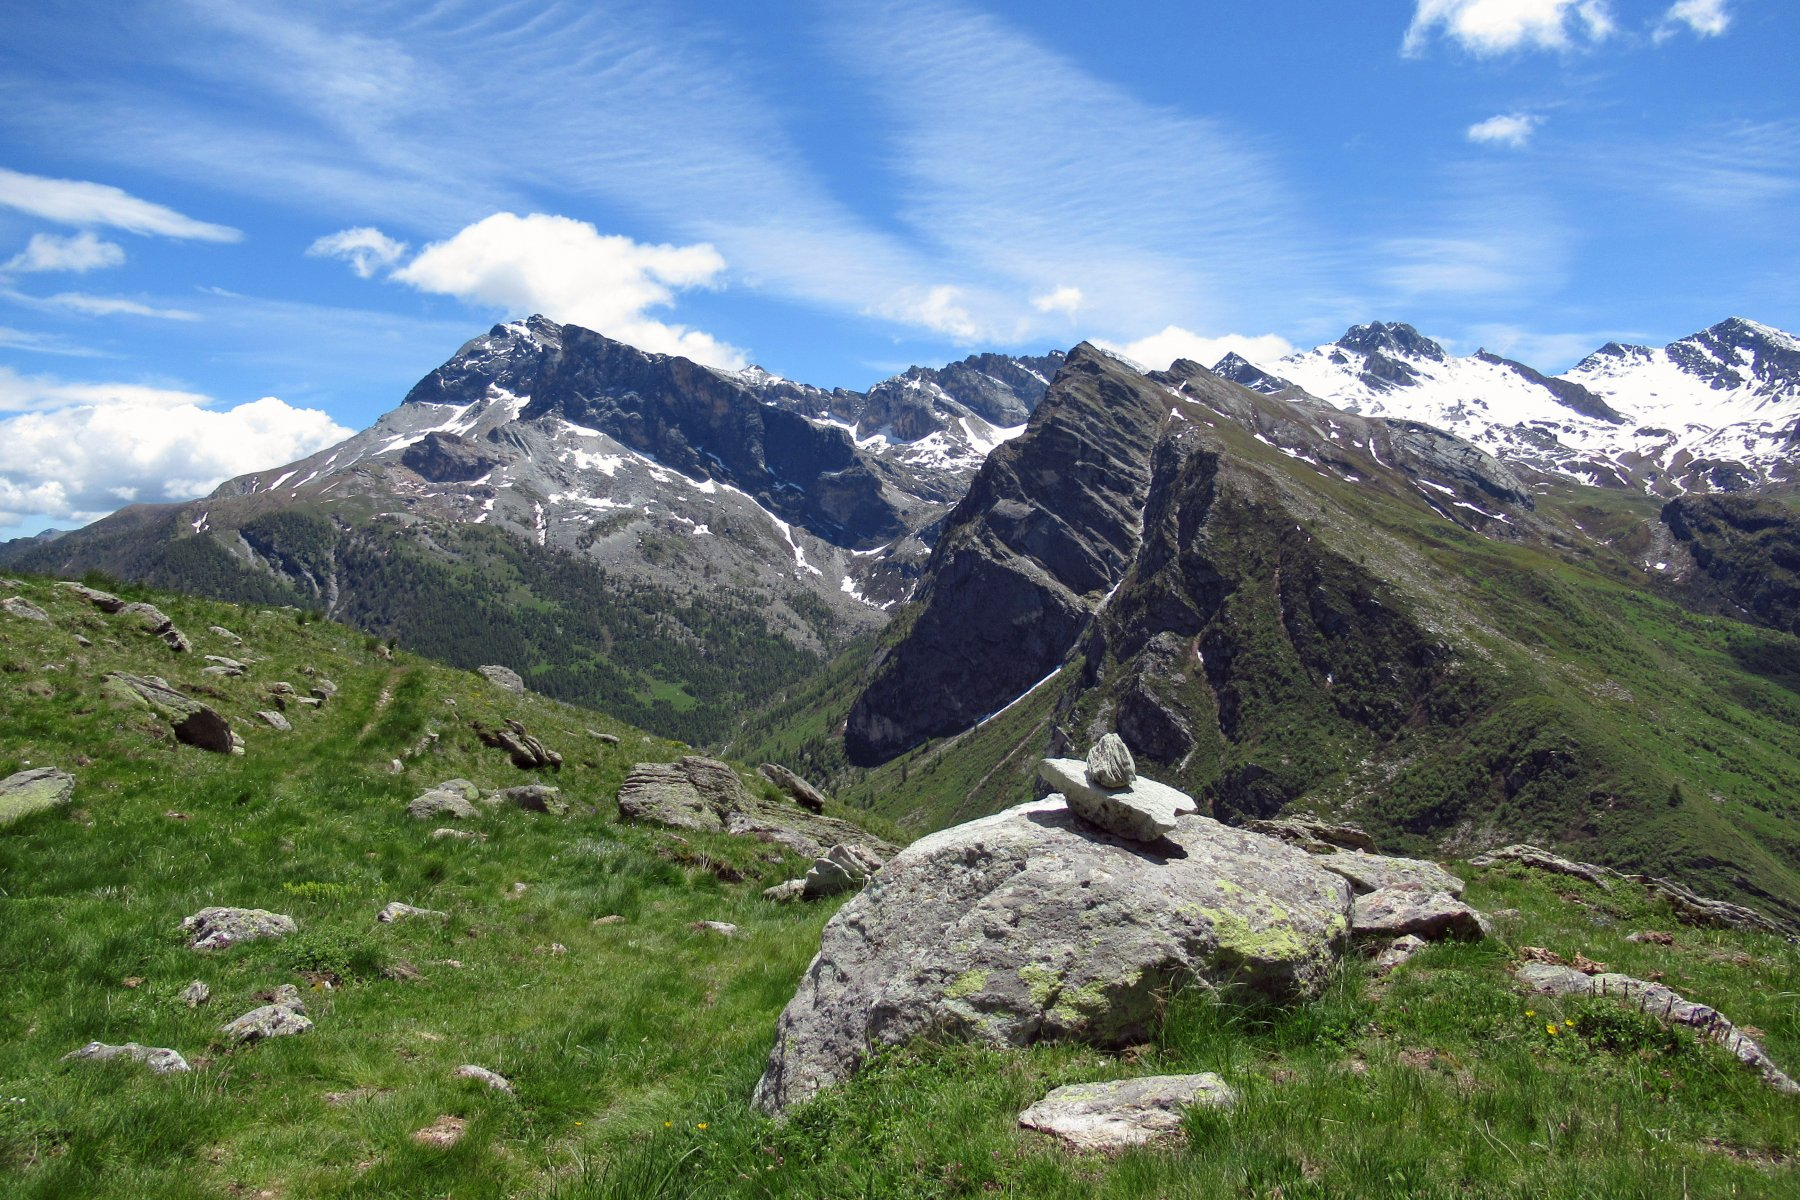 Scendendo a Sant'Anna bella vista su Pelvo d' Elva, Bric Camosciera e Marchisa